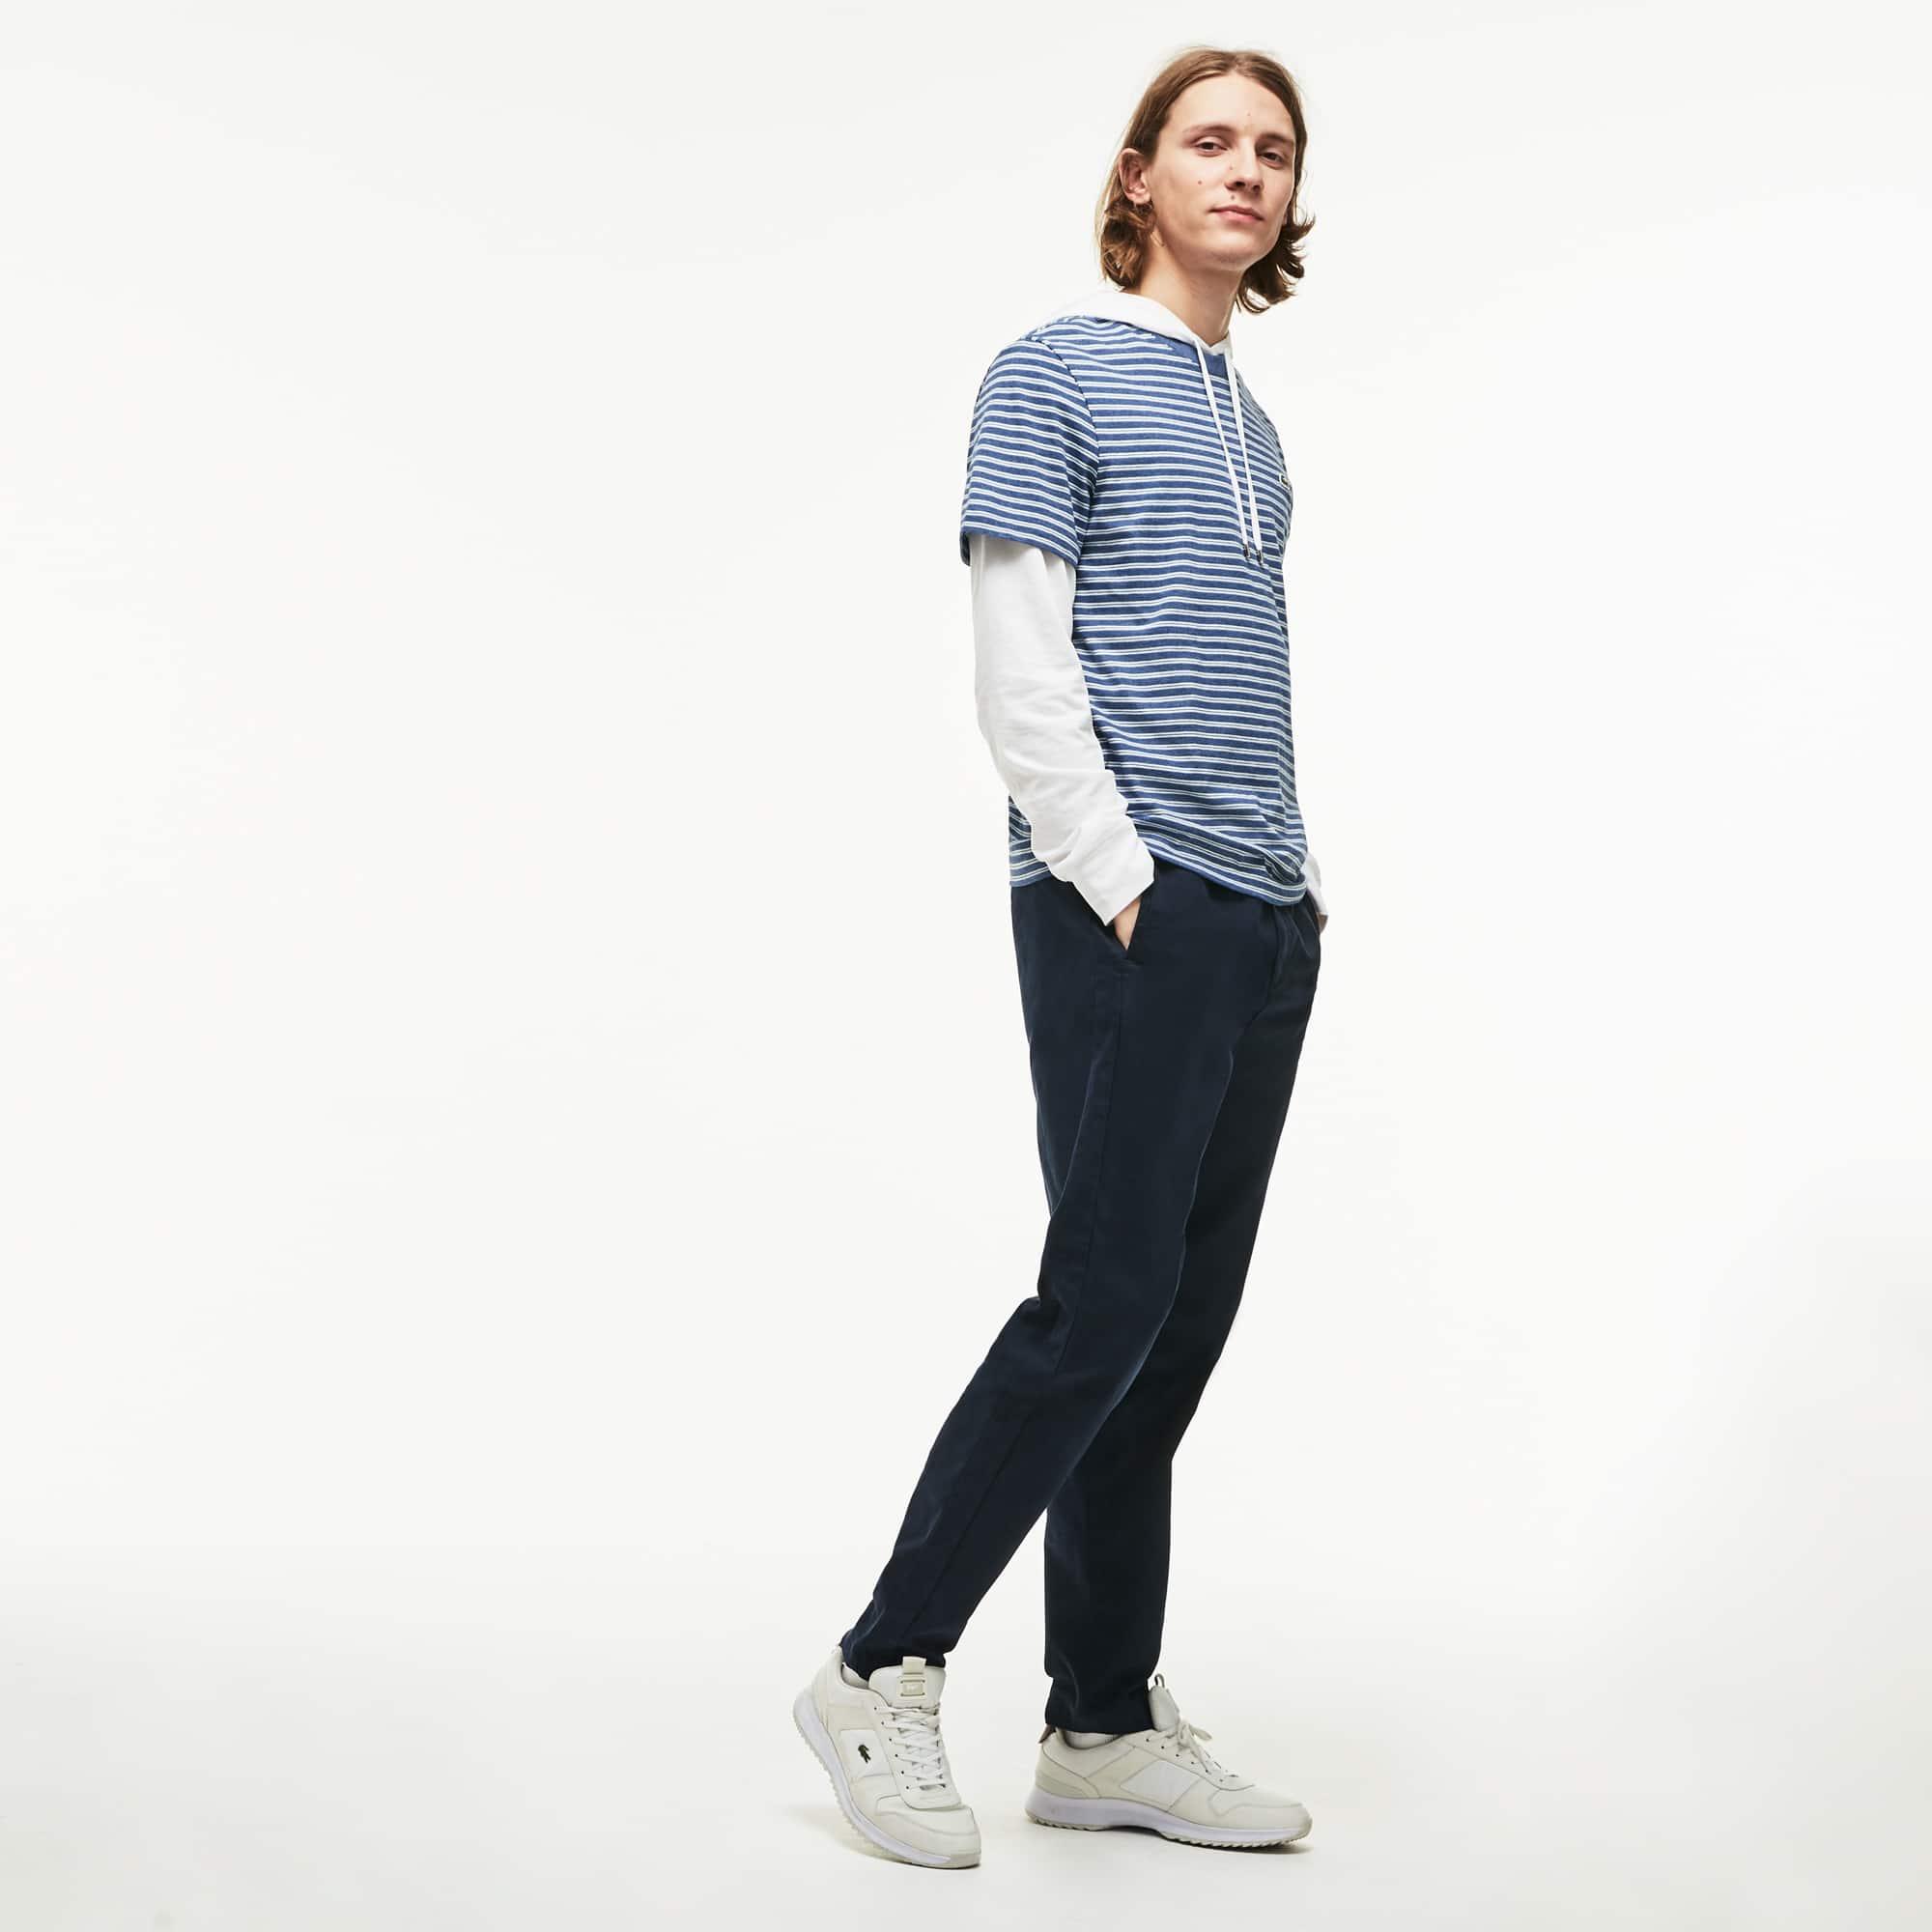 Lacoste - Herren Rundhals-Shirt aus gestreiftem Baumwolljersey - 4